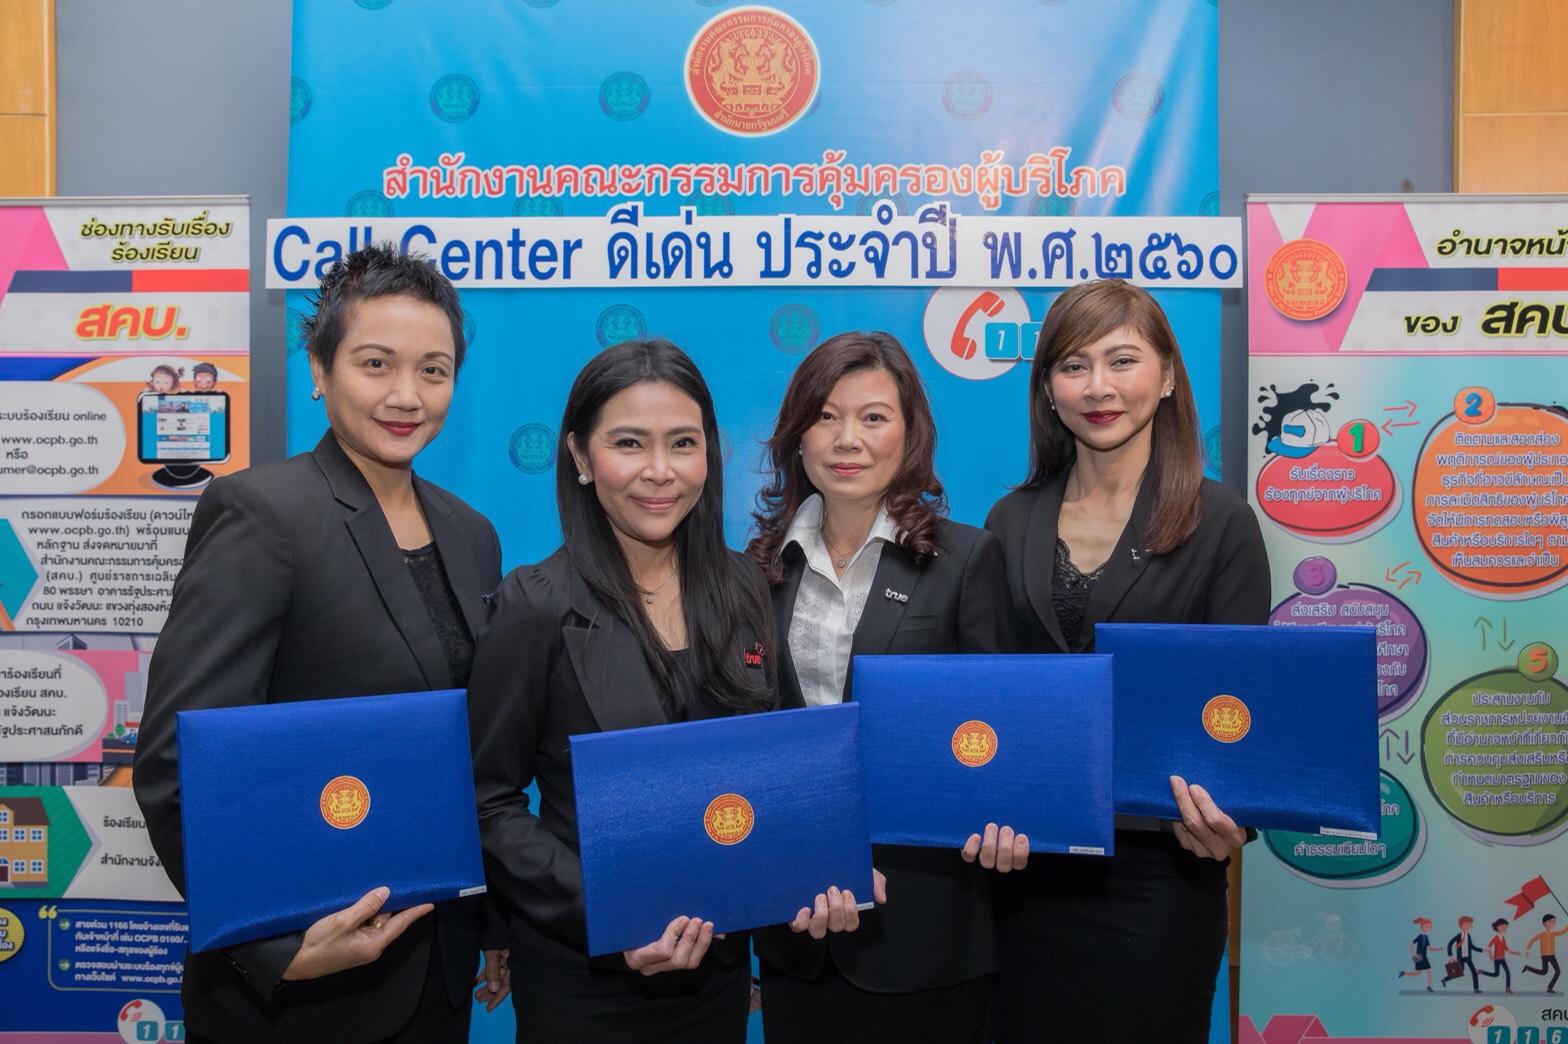 True-Corp-best-Call-center-award-2017-00002